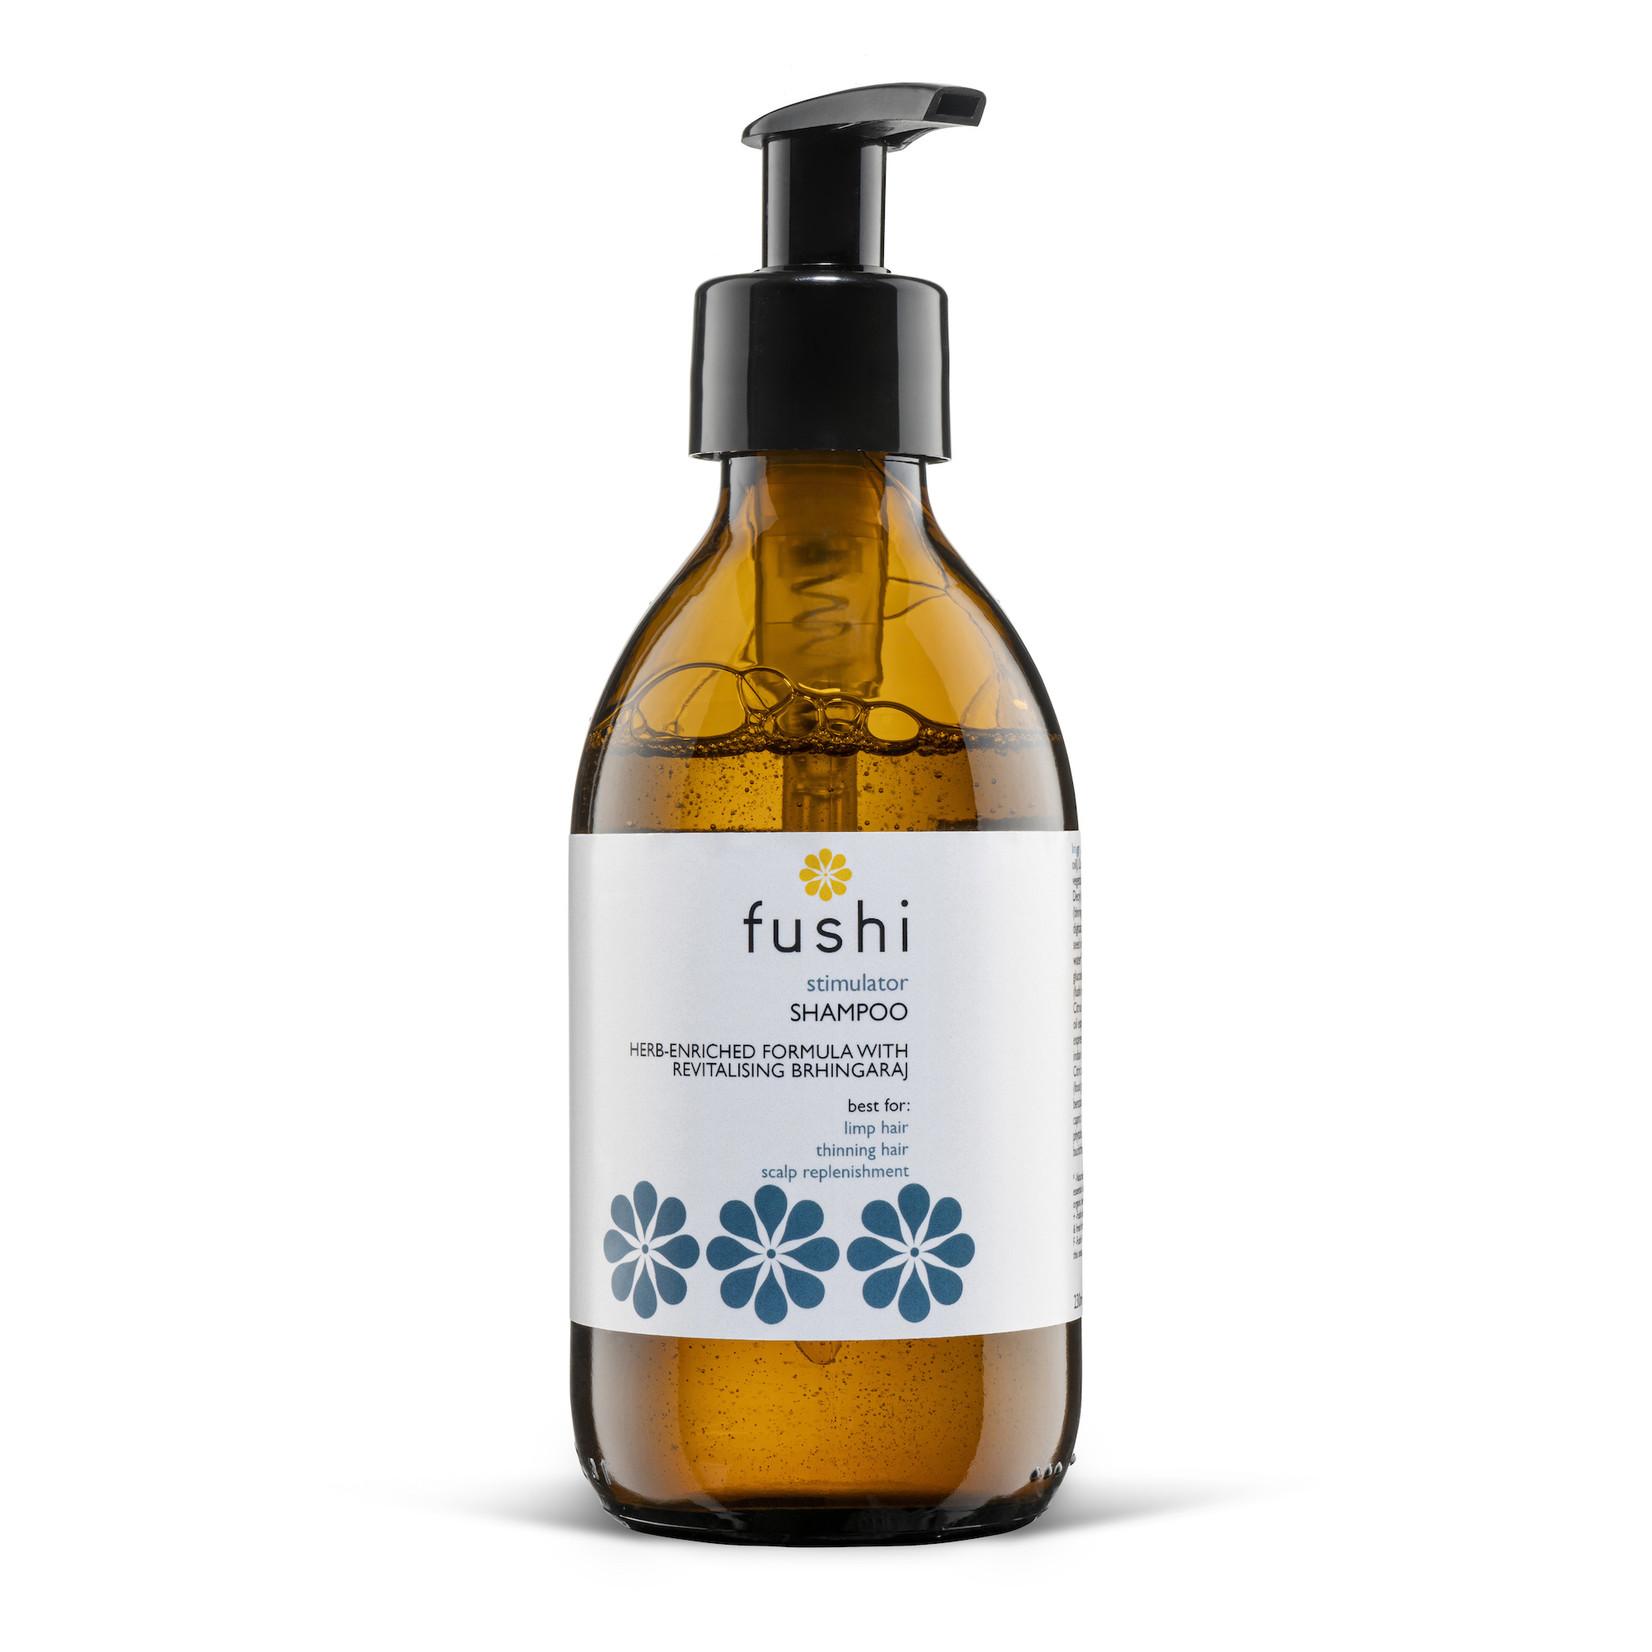 Fushi FUSHI - Stimulator Kruidenshampoo - 230ml & 470ml